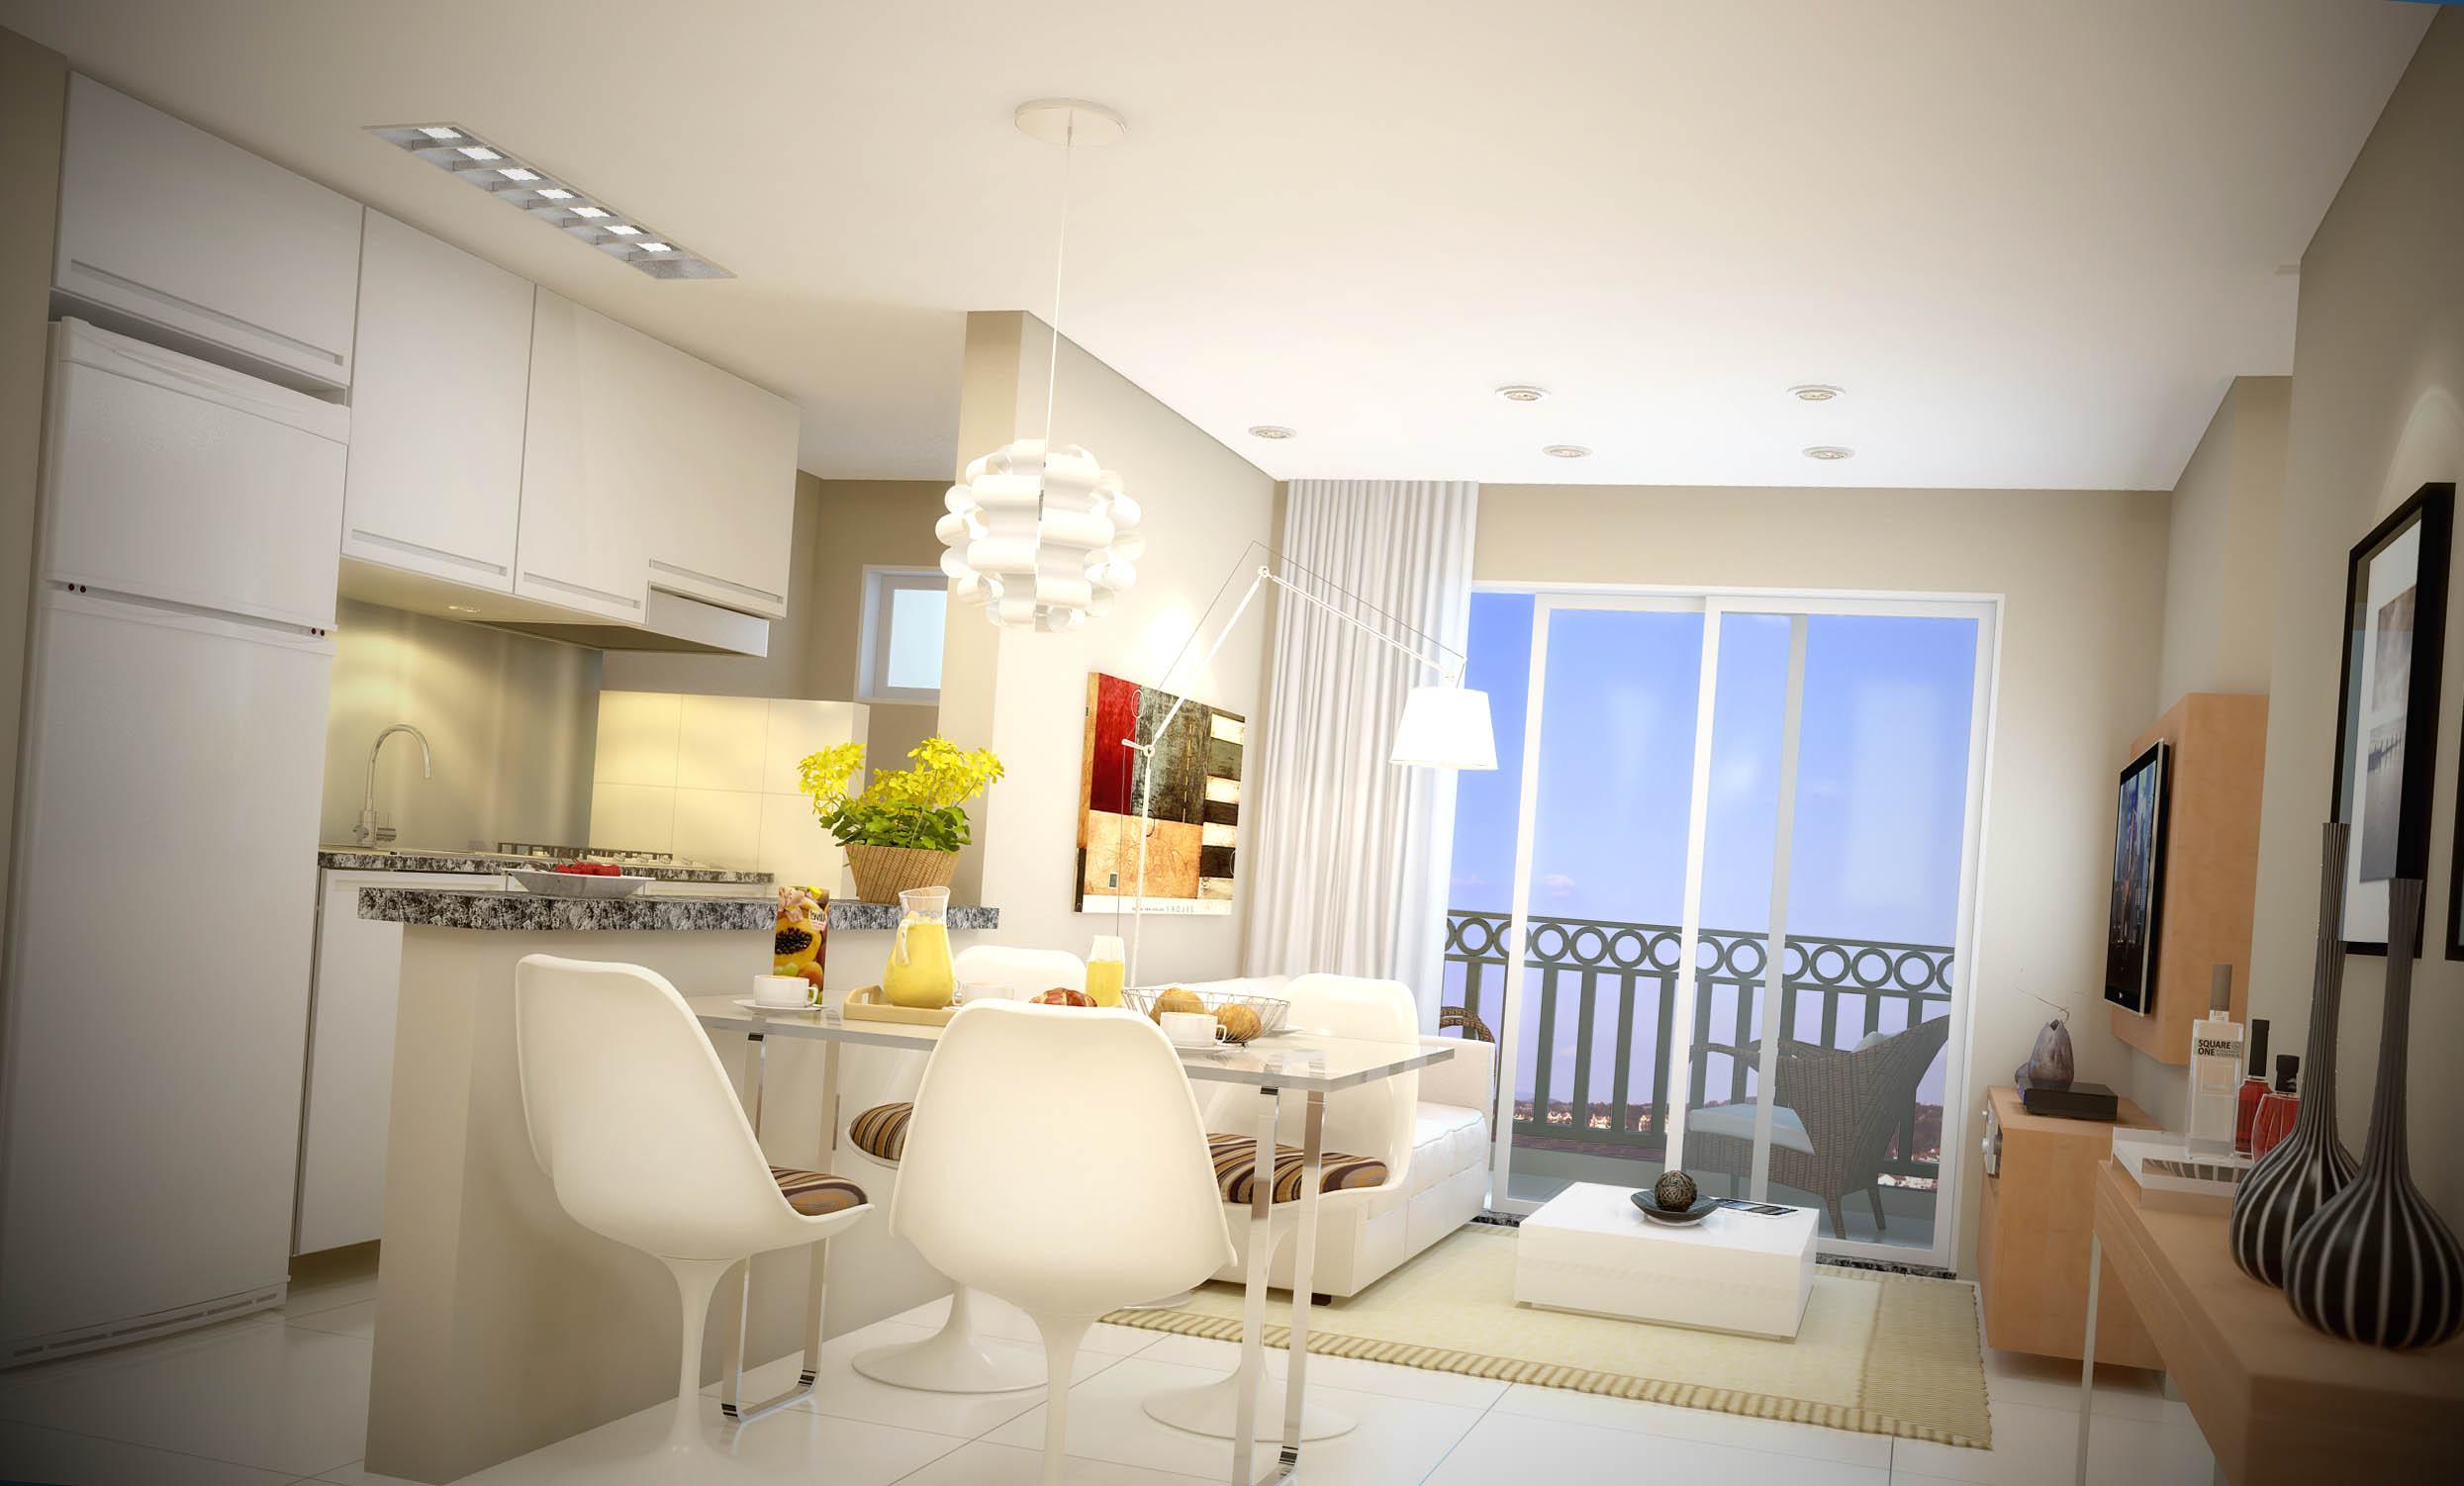 Ideias de Decoração de Casas e Interiores #0F41BC 2490 1502